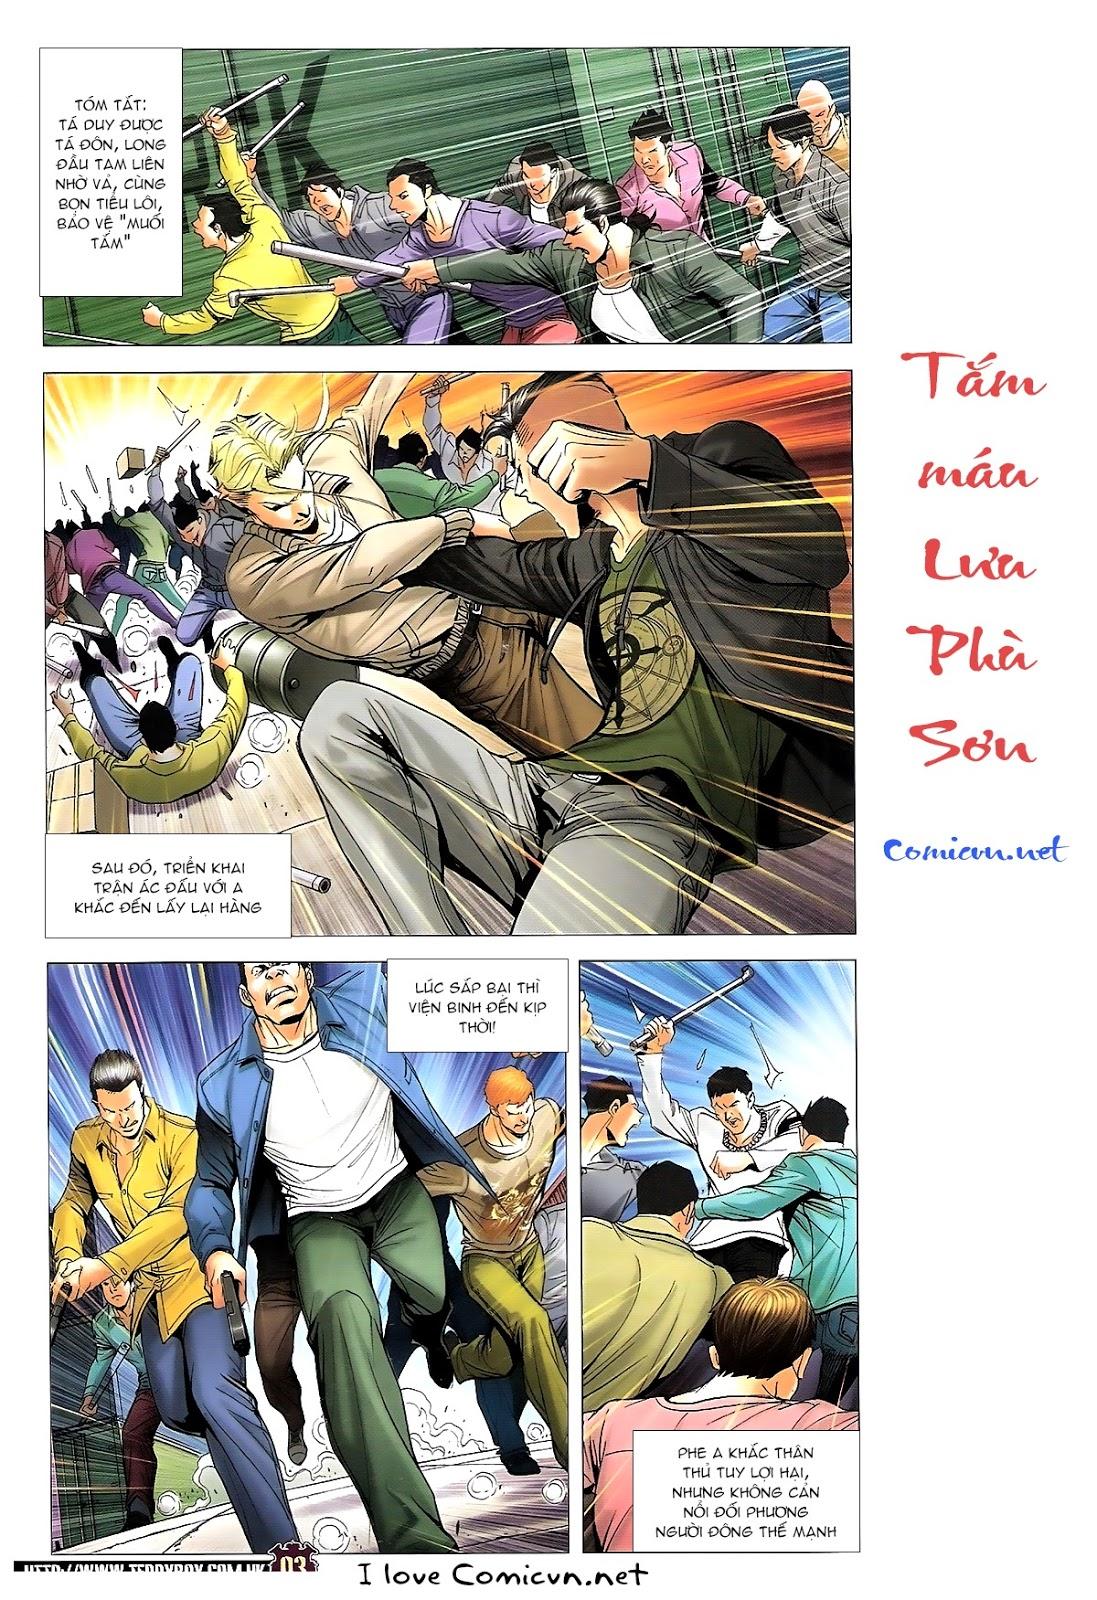 Người Trong Giang Hồ chapter 1673: tắm máu lưu phù sơn trang 2